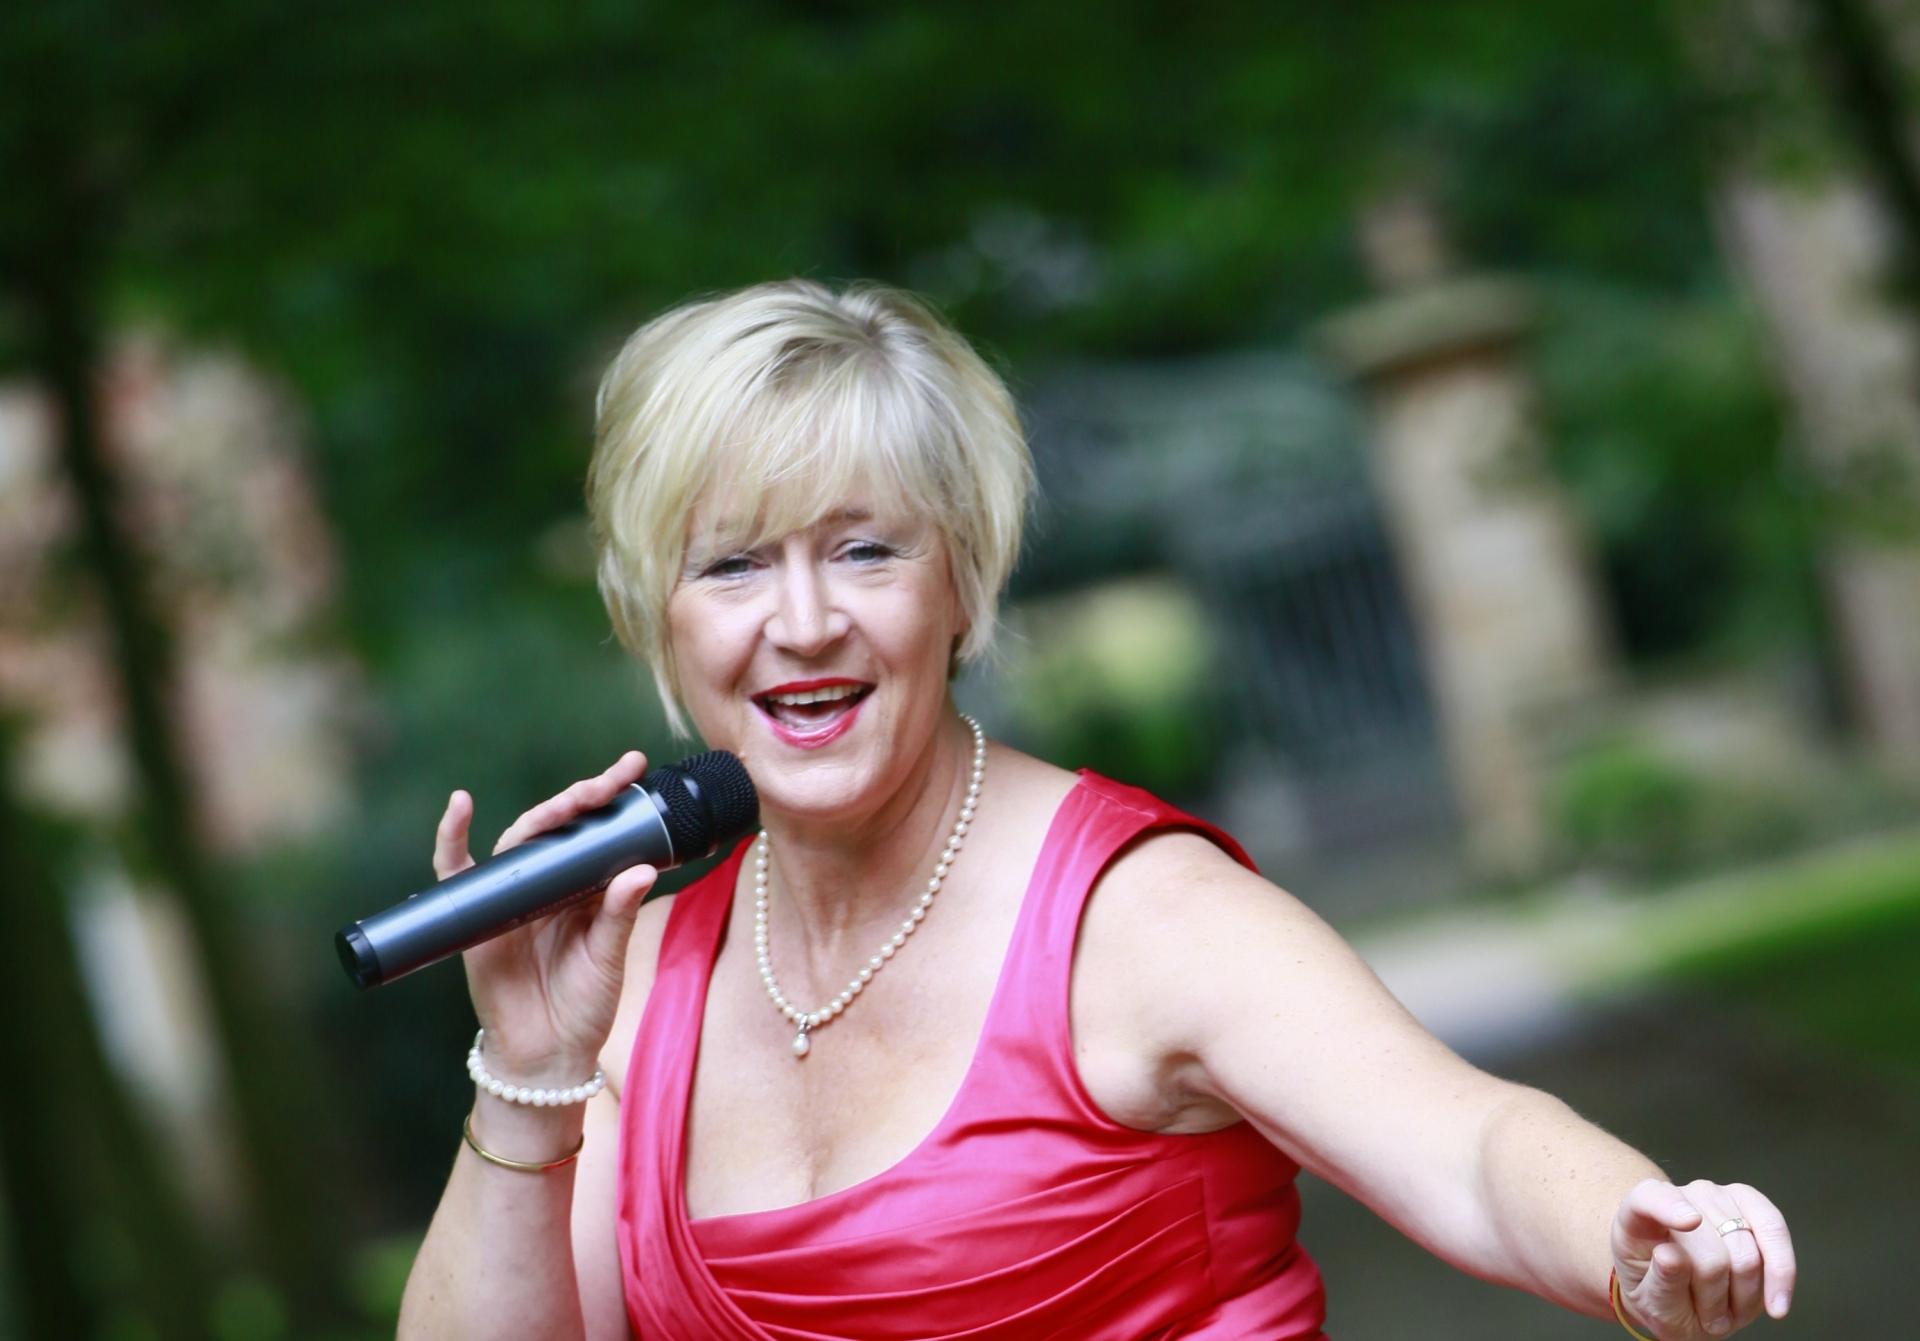 Foto: Die Sängerin Susann Gesang